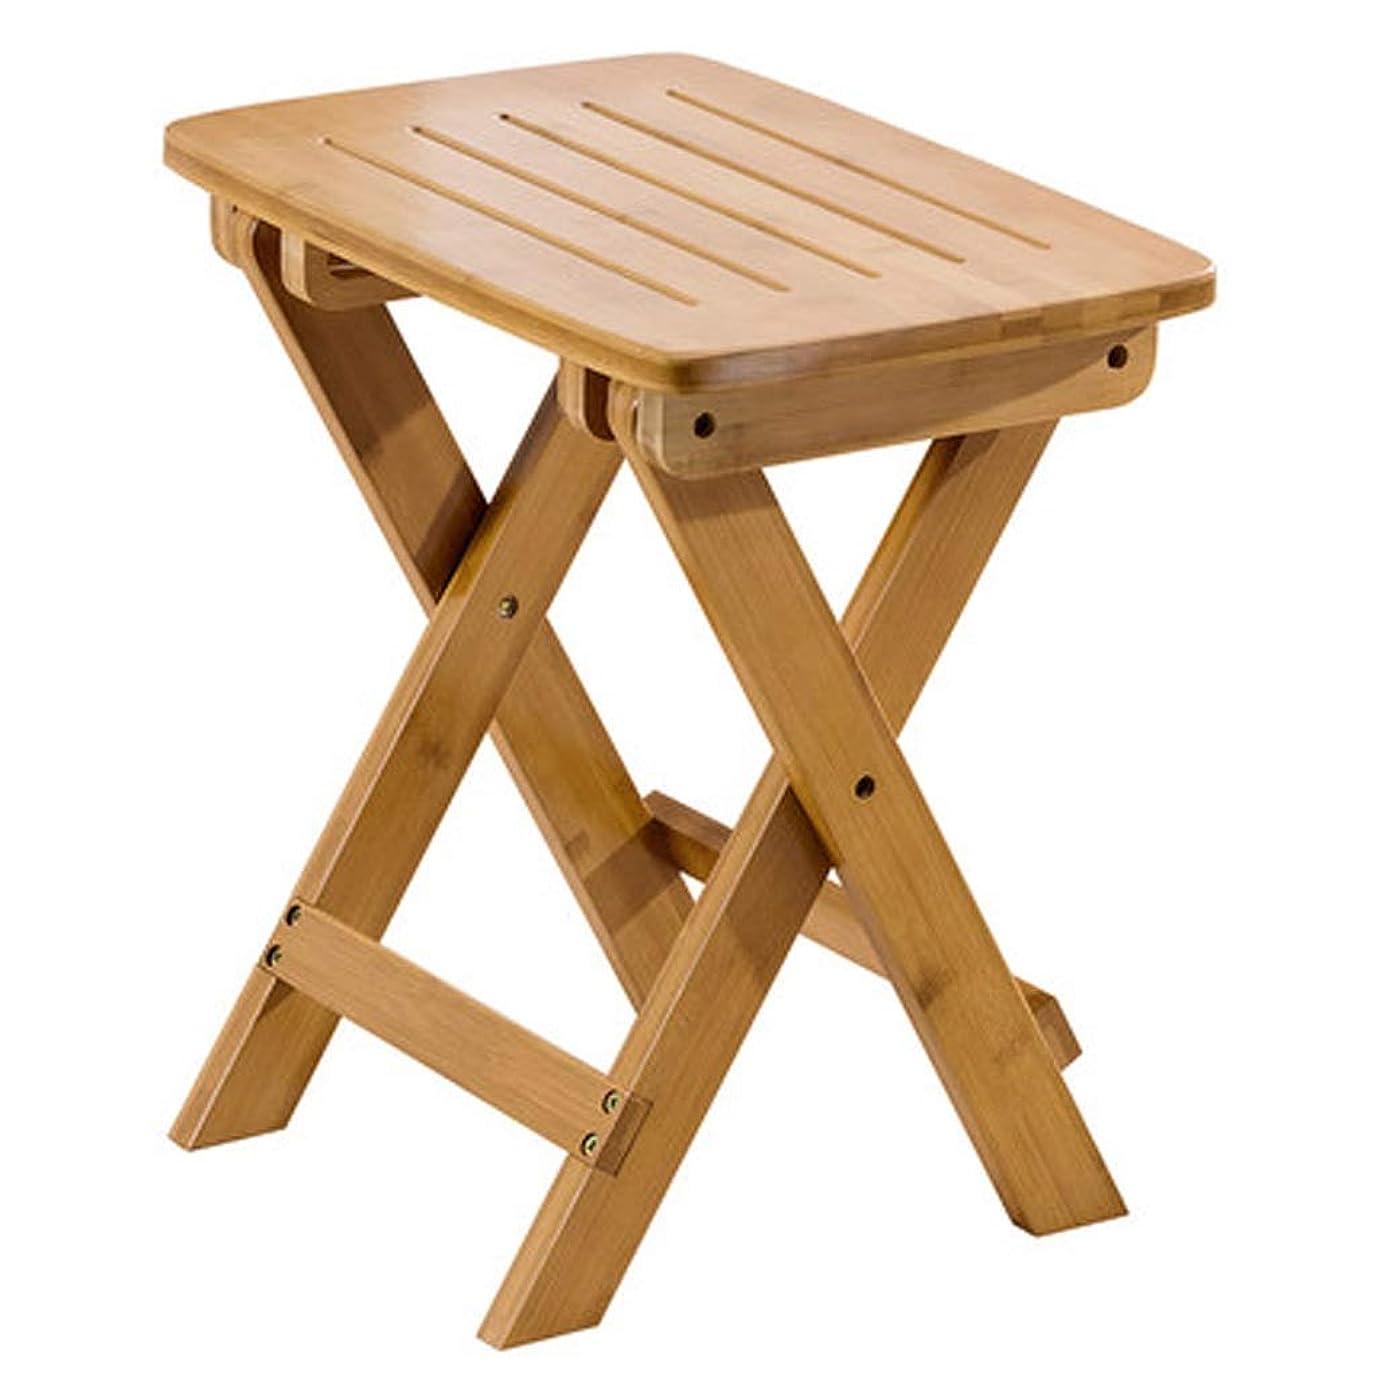 必要とする不適当相対的シェービングペダルとシャワーペダル用竹製折りたたみスツール、靴ベンチ用の高さ17.5インチの屋外用椅子、小さなベンチ折りたたみガーデンベンチ、バスルームベンチ、折りたたみと持ち運びが簡単 (Color : Primary color, Size : Big)